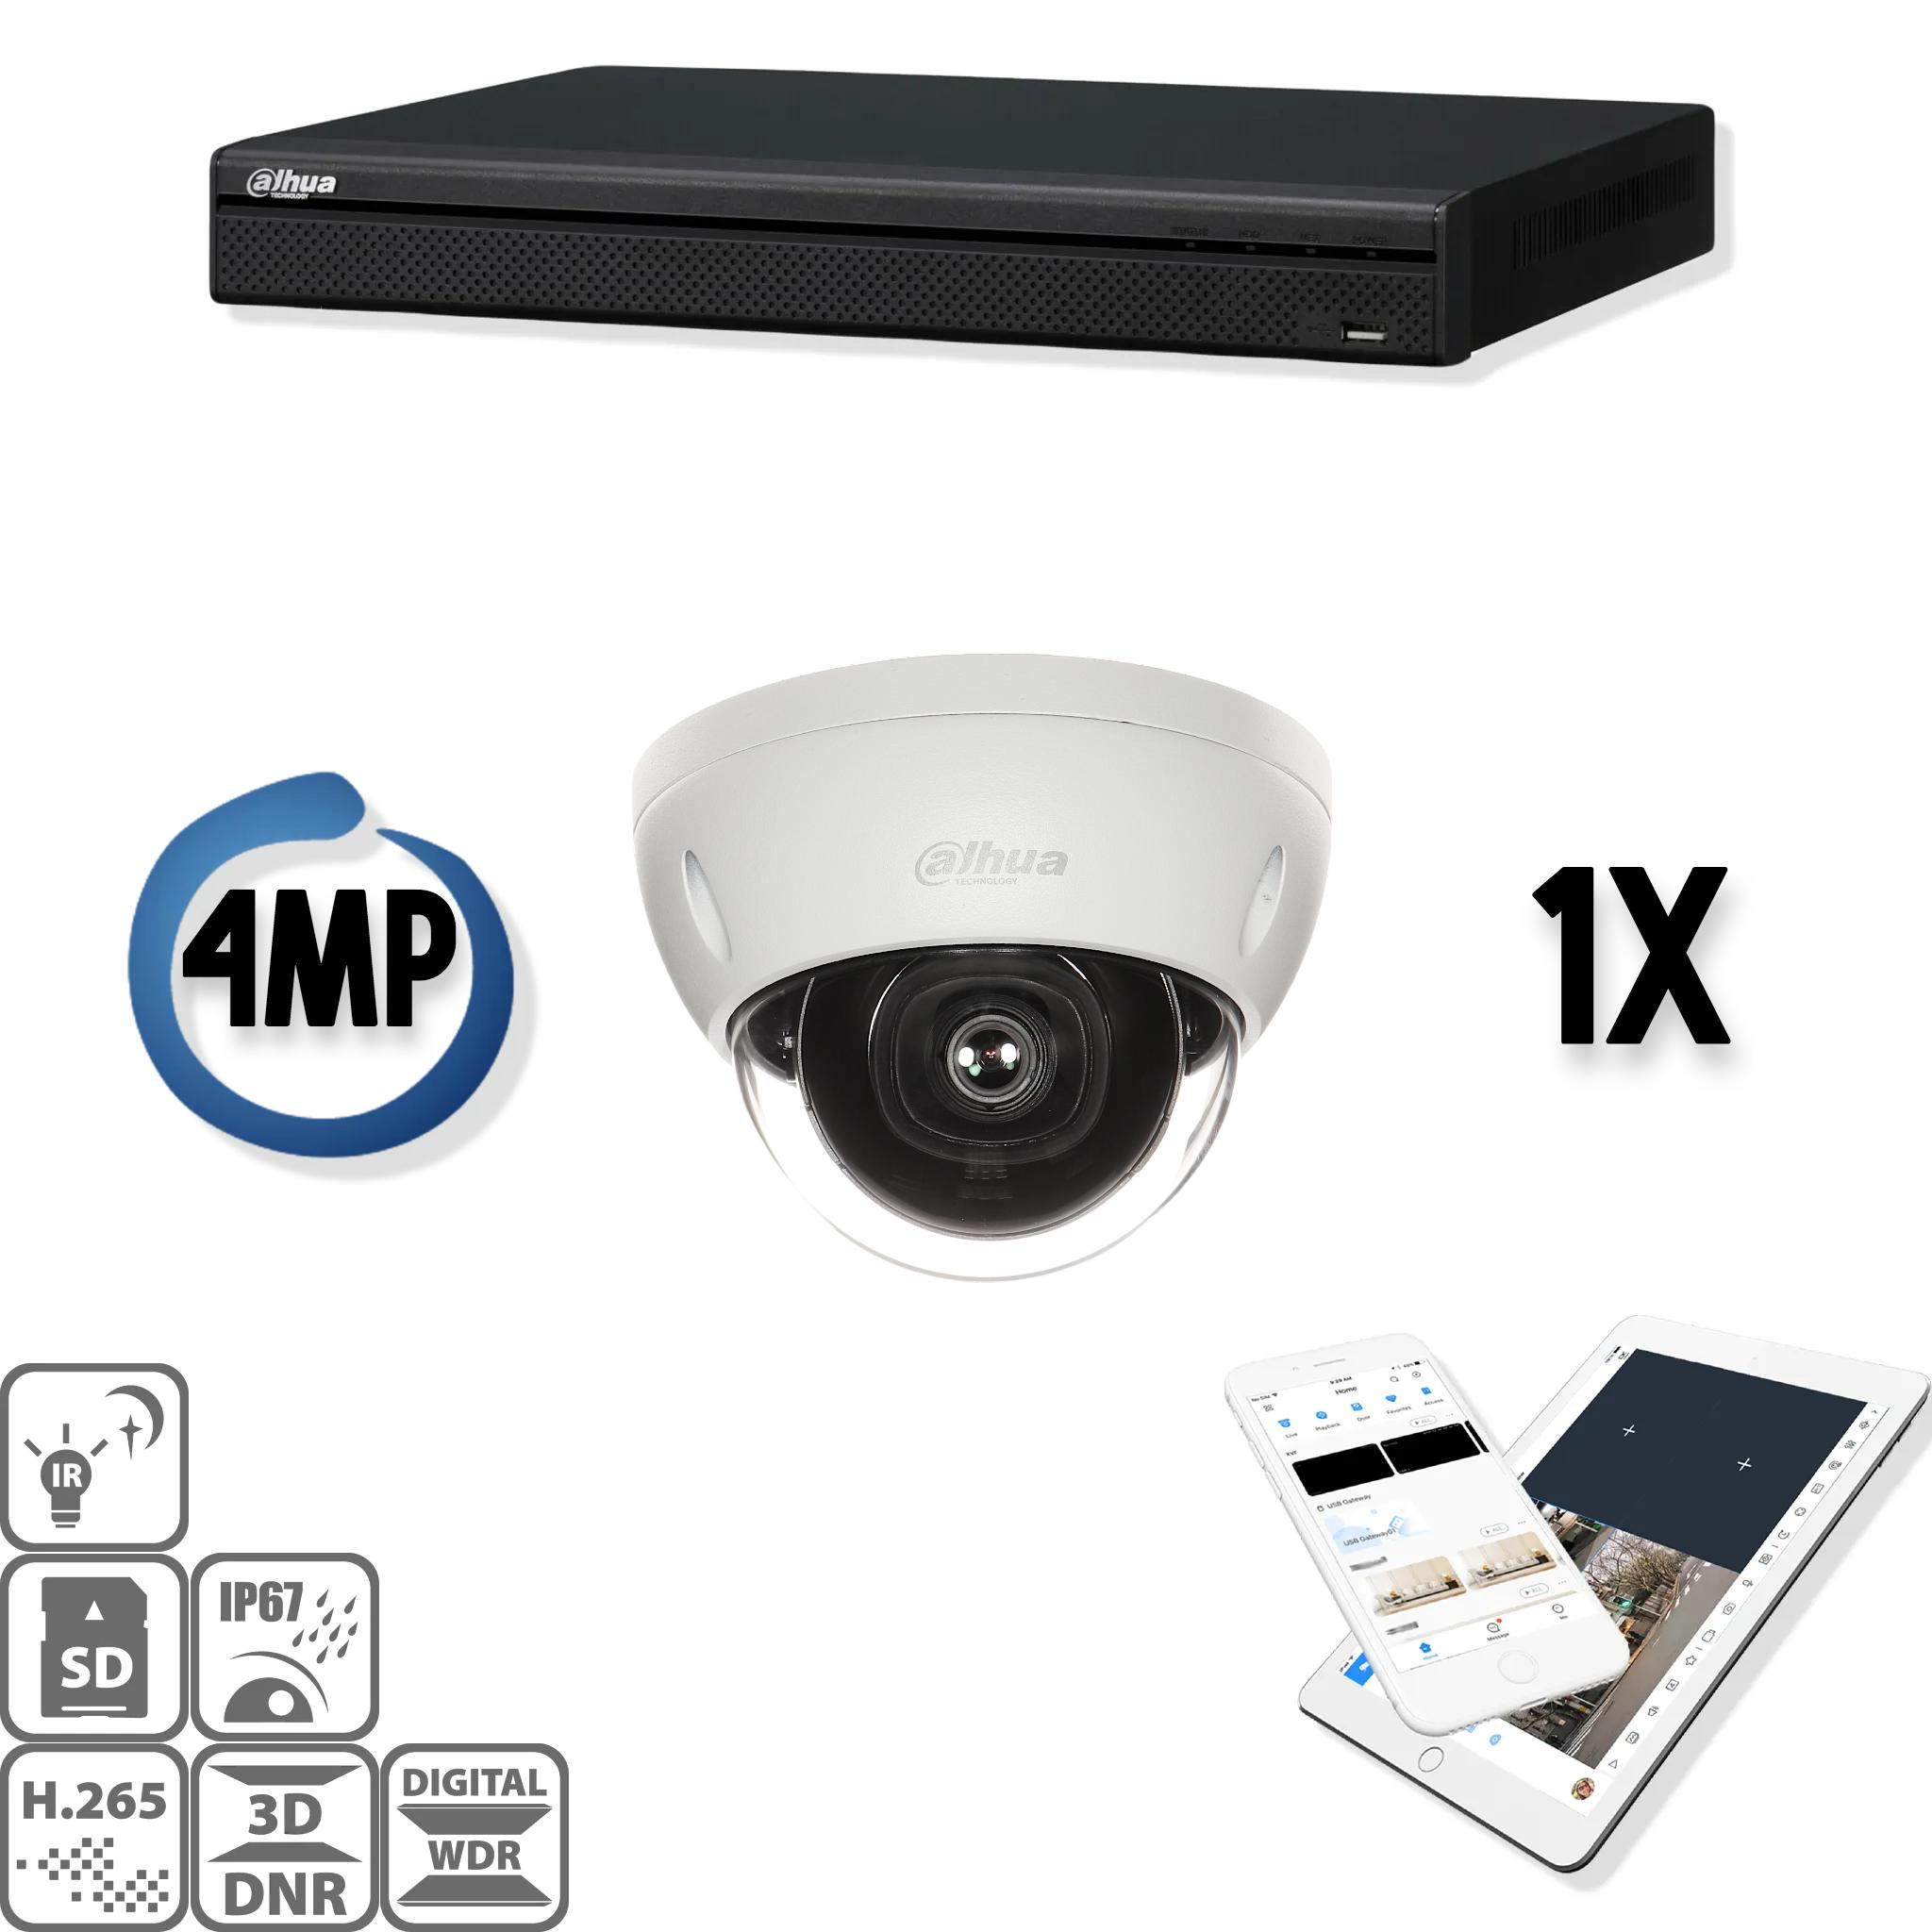 El conjunto de seguridad de la cámara Dahua IP kit 1x domo 4mp Full HD contiene 1 cámara domo IP, que son adecuadas para uso en interiores o exteriores. La cámara tiene una calidad de imagen Full HD con LED IR para una vista perfecta en la oscuridad. Este